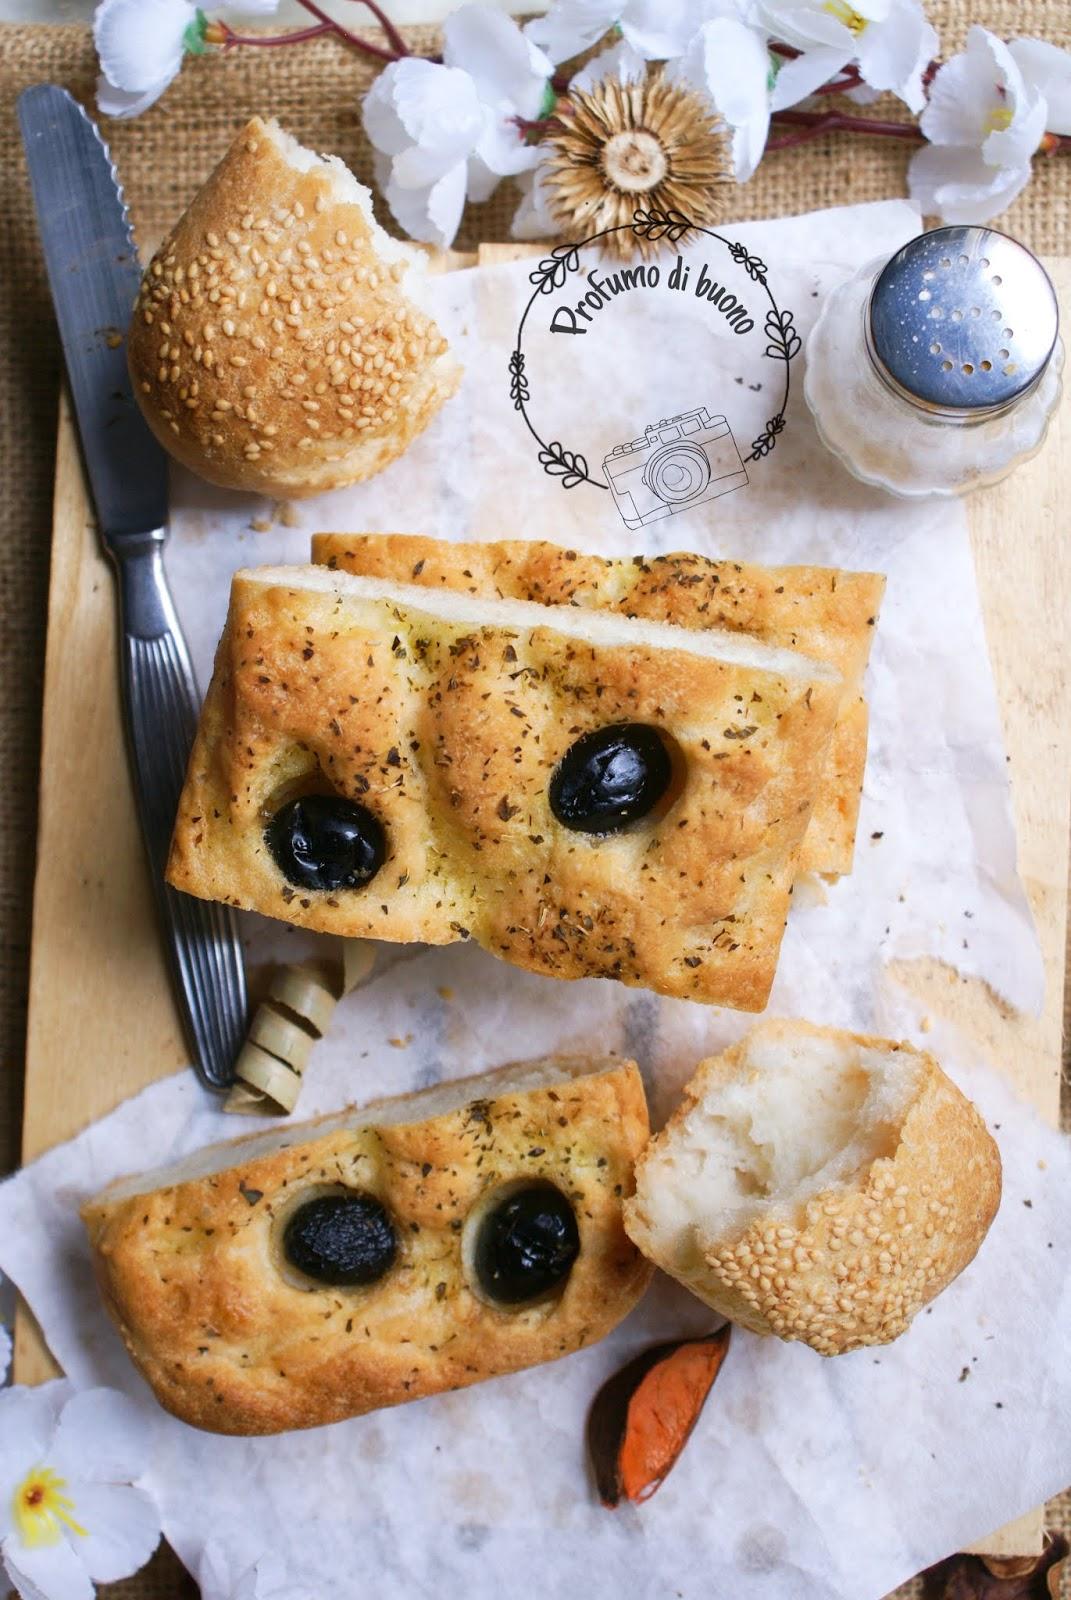 Impasto con Nutrifree pane per focaccia bianca con olive nere e origano